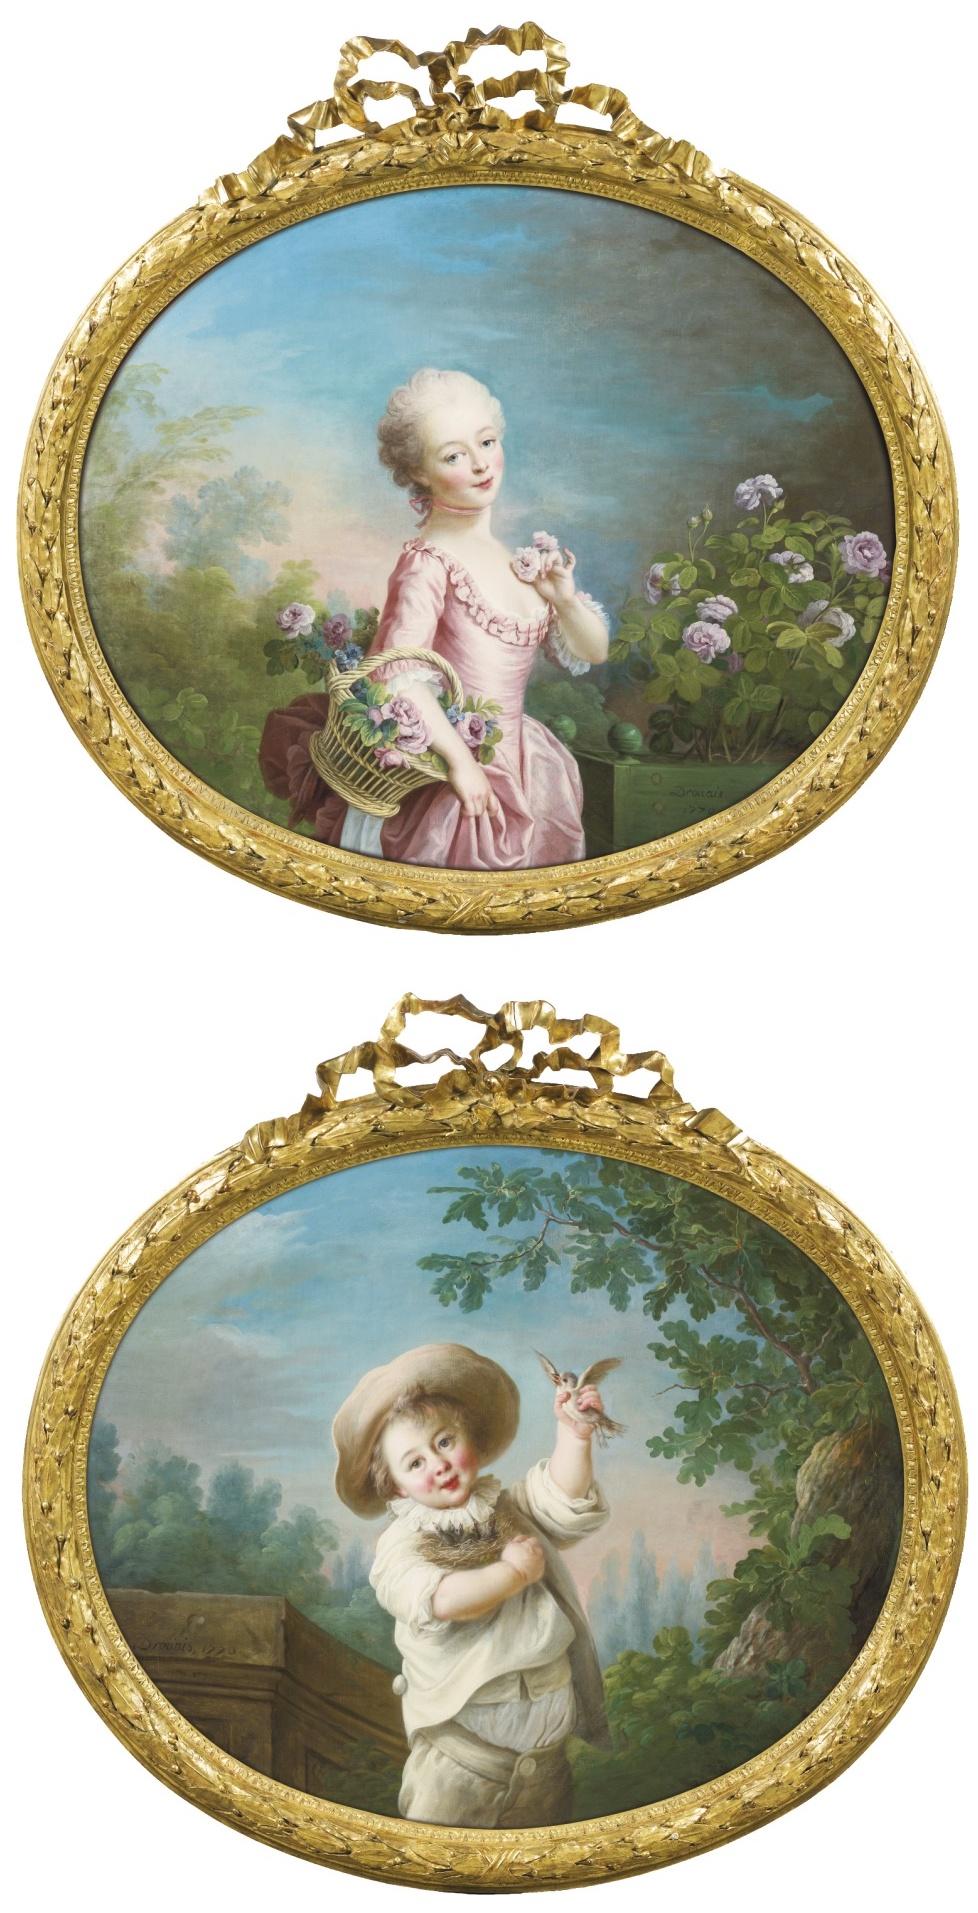 Les Drouais, artistes peintres de père en fils : Jean, Hubert, François-Hubert et Jean-Germain Drouais 503pf110